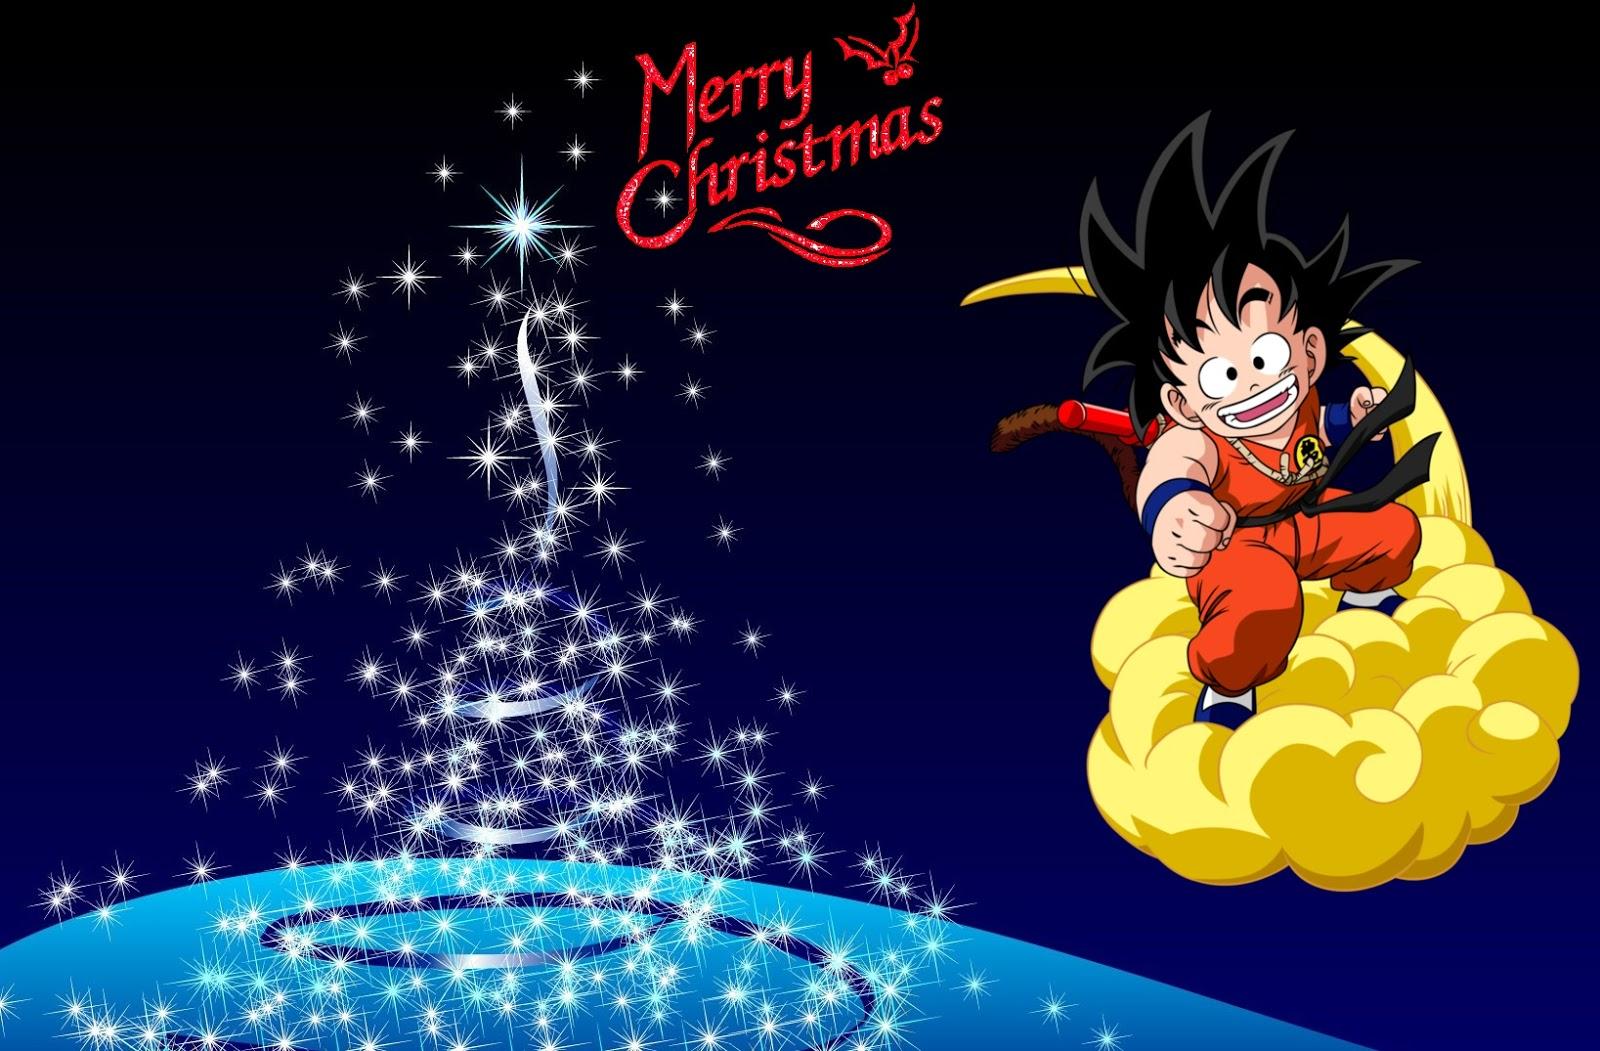 Immagini Natale Animate Gratis.Immagini Natalizie Animate